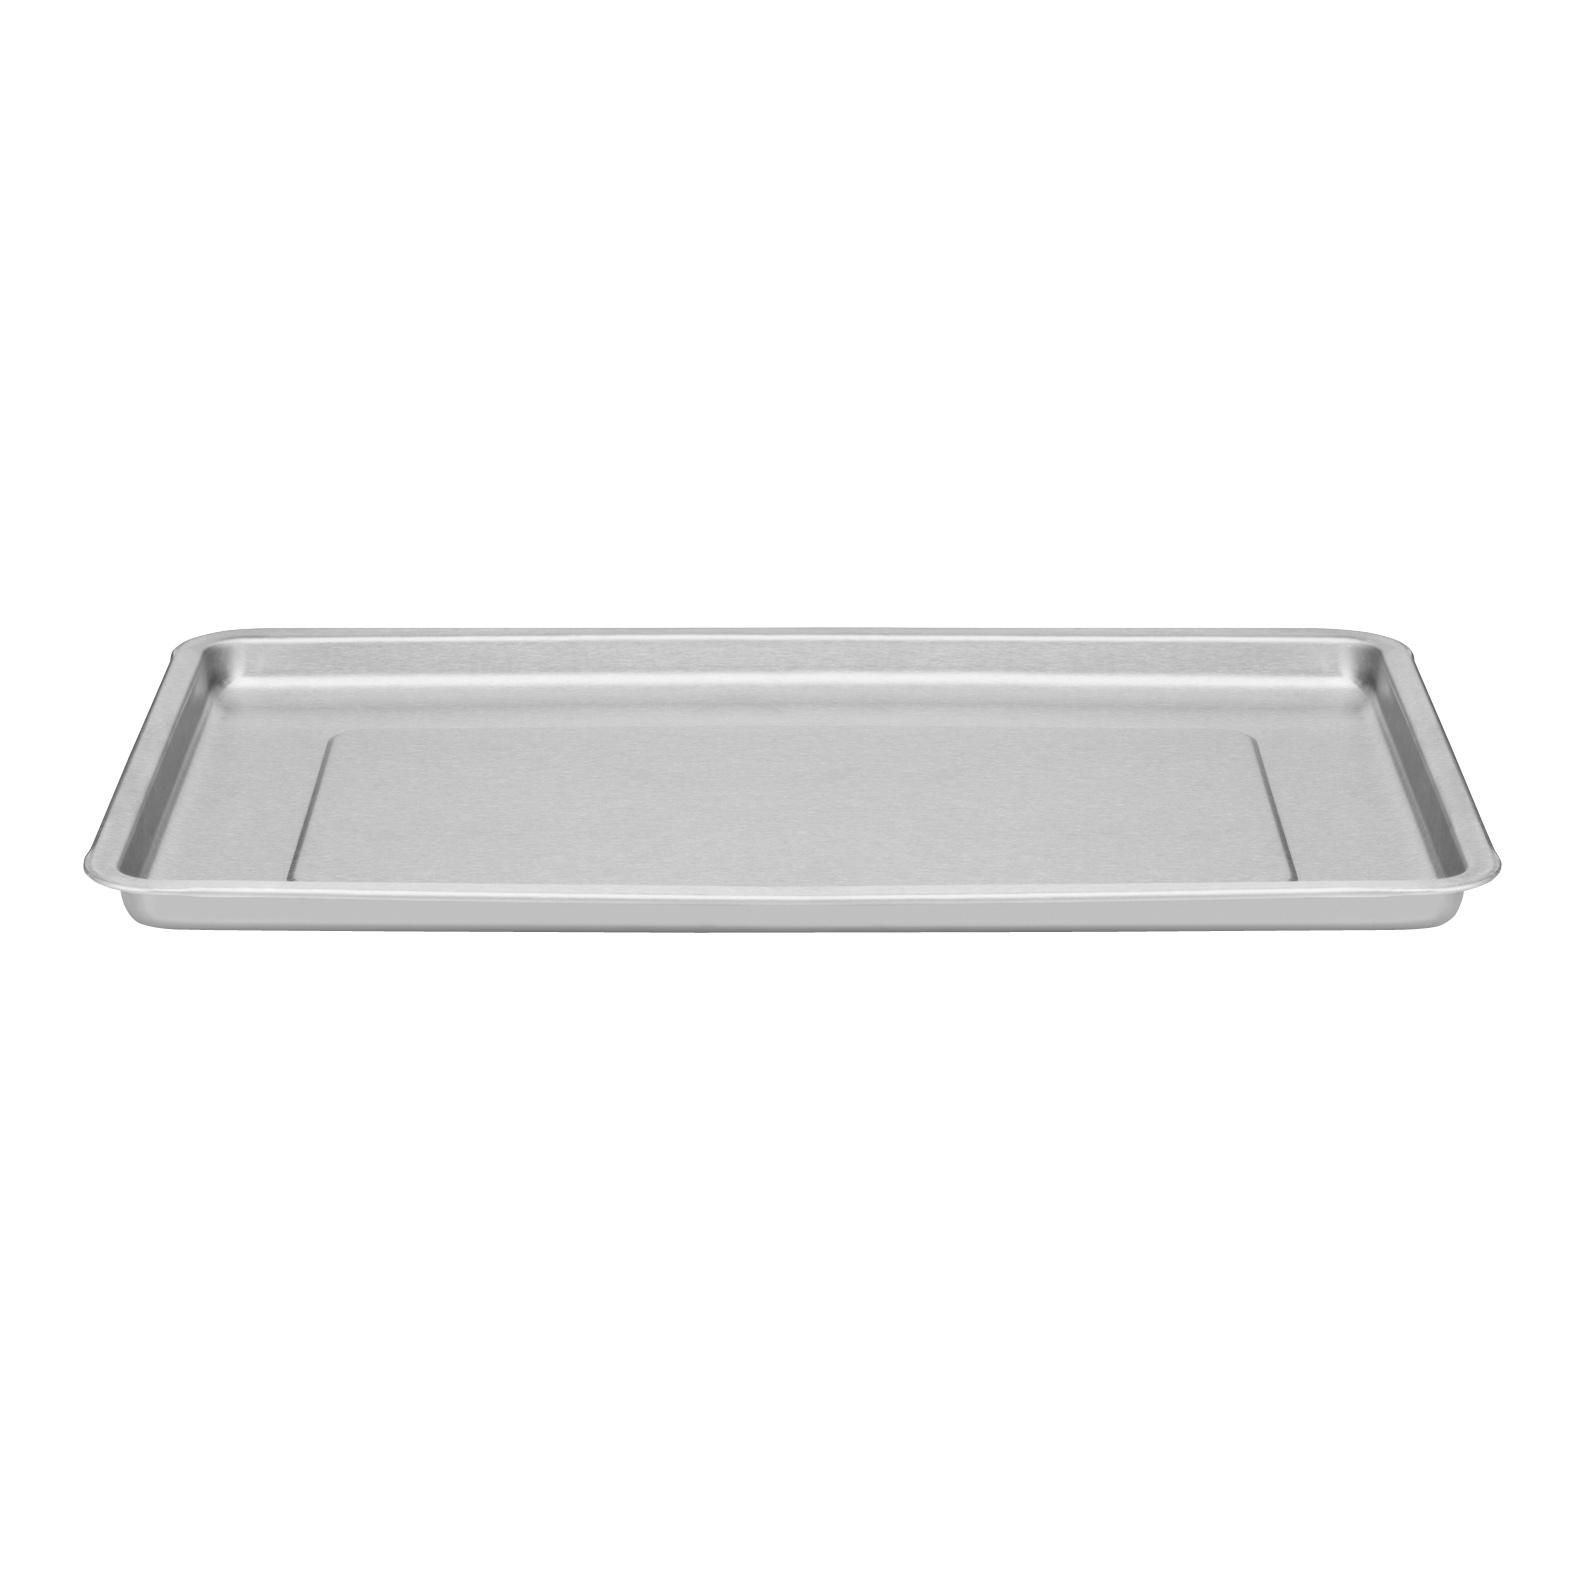 Waring WCO250TR bun / sheet pan